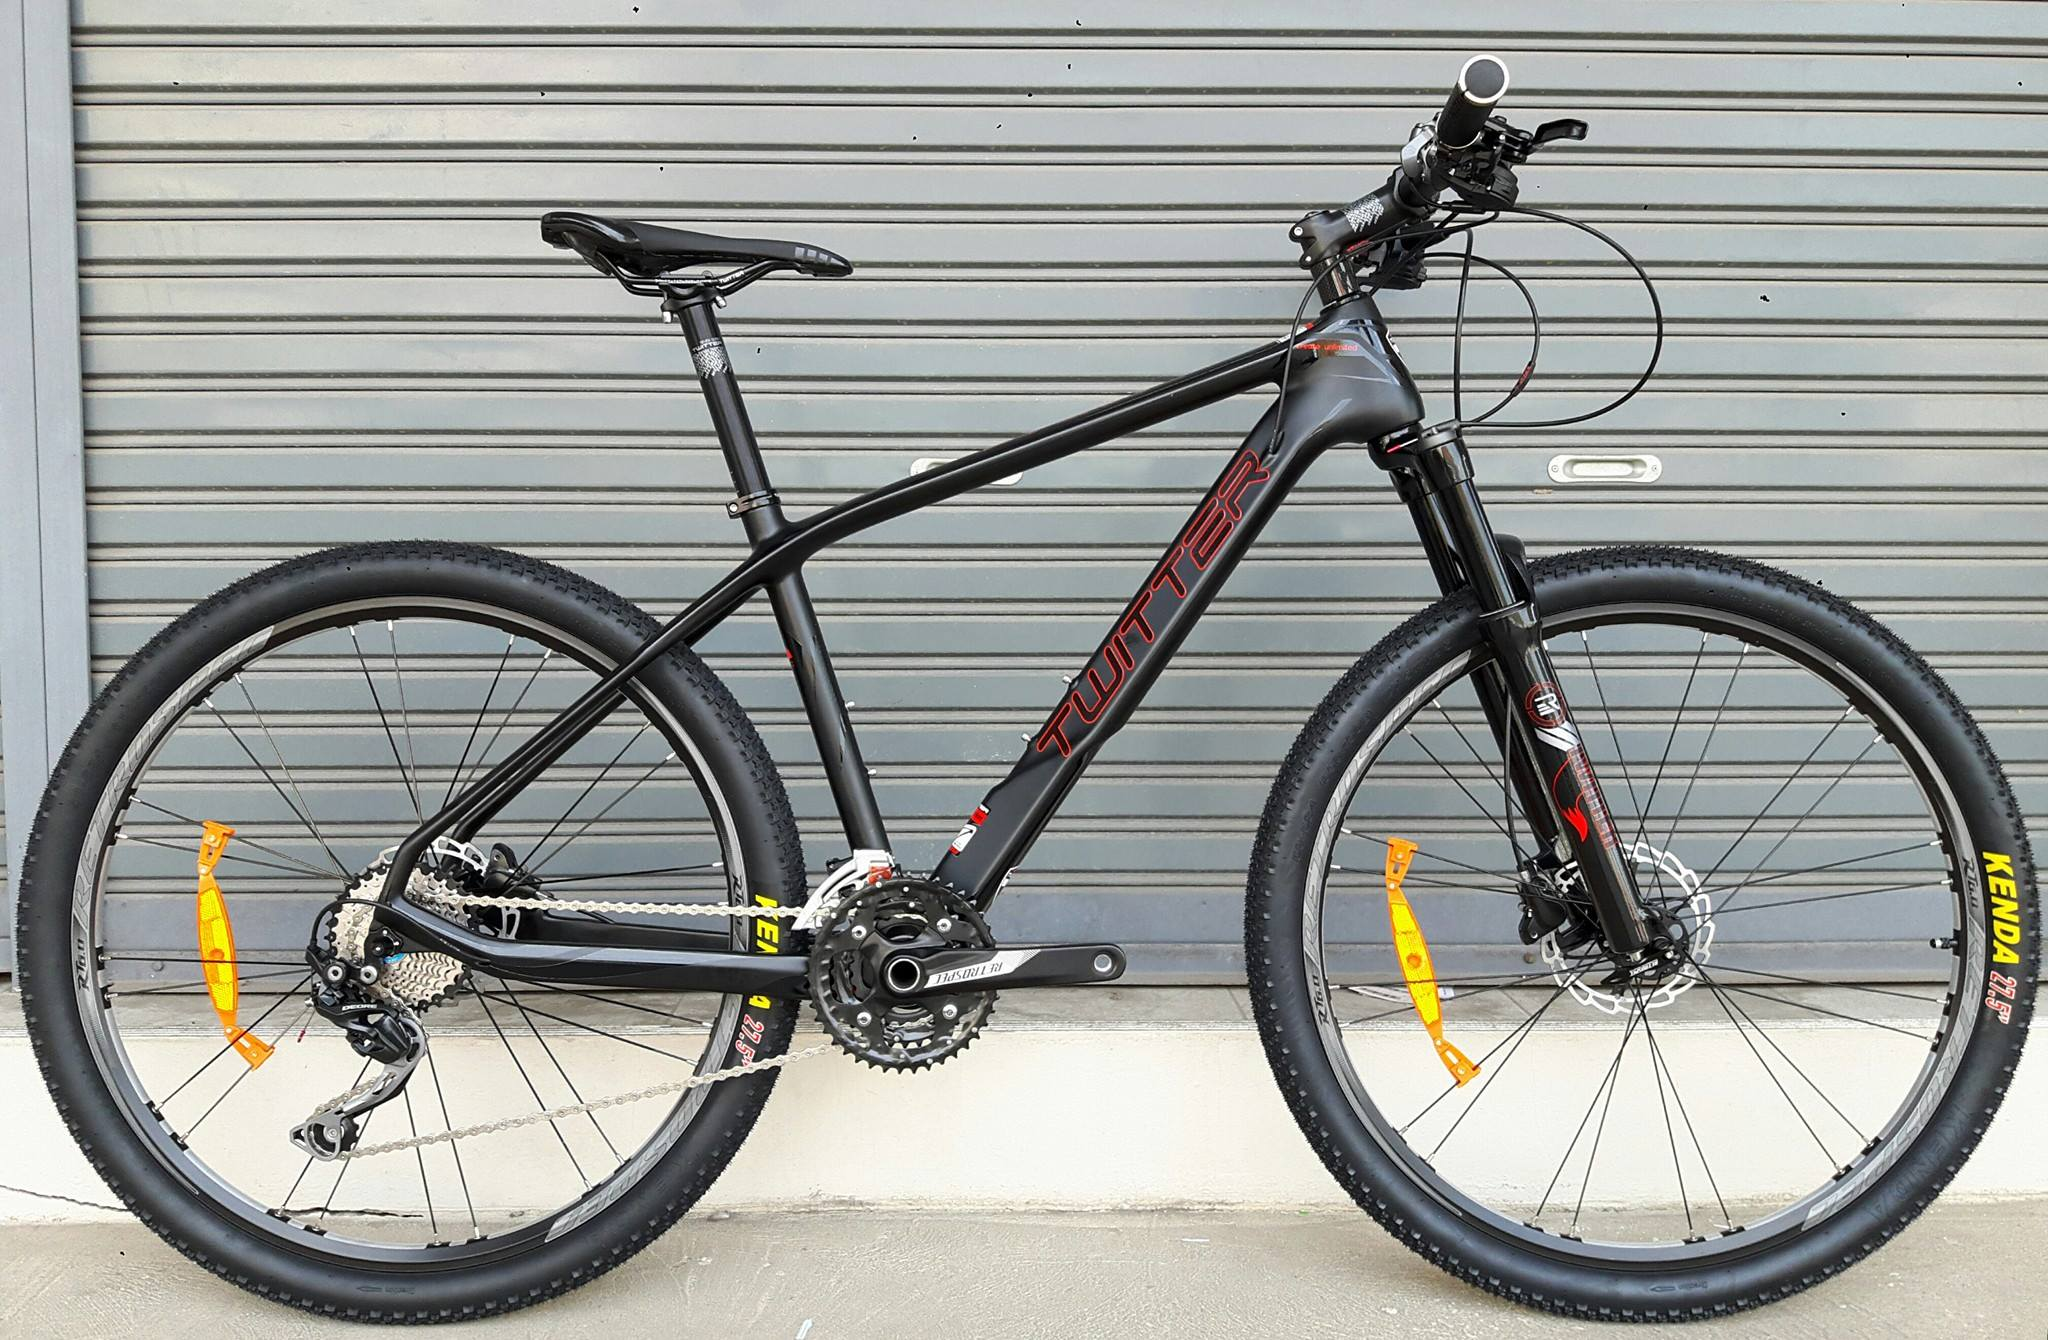 จักรยานเสือภูเขาเฟรมคาร์บอนบอน Twitter Strom ชุดเกียร์ Shimano Deore 30 Speed โช็คล็อครีโมท ดิสก์เบรคน้ำมัน Shimano ดุมล้อแบริ่ง กระโหลกกลวง